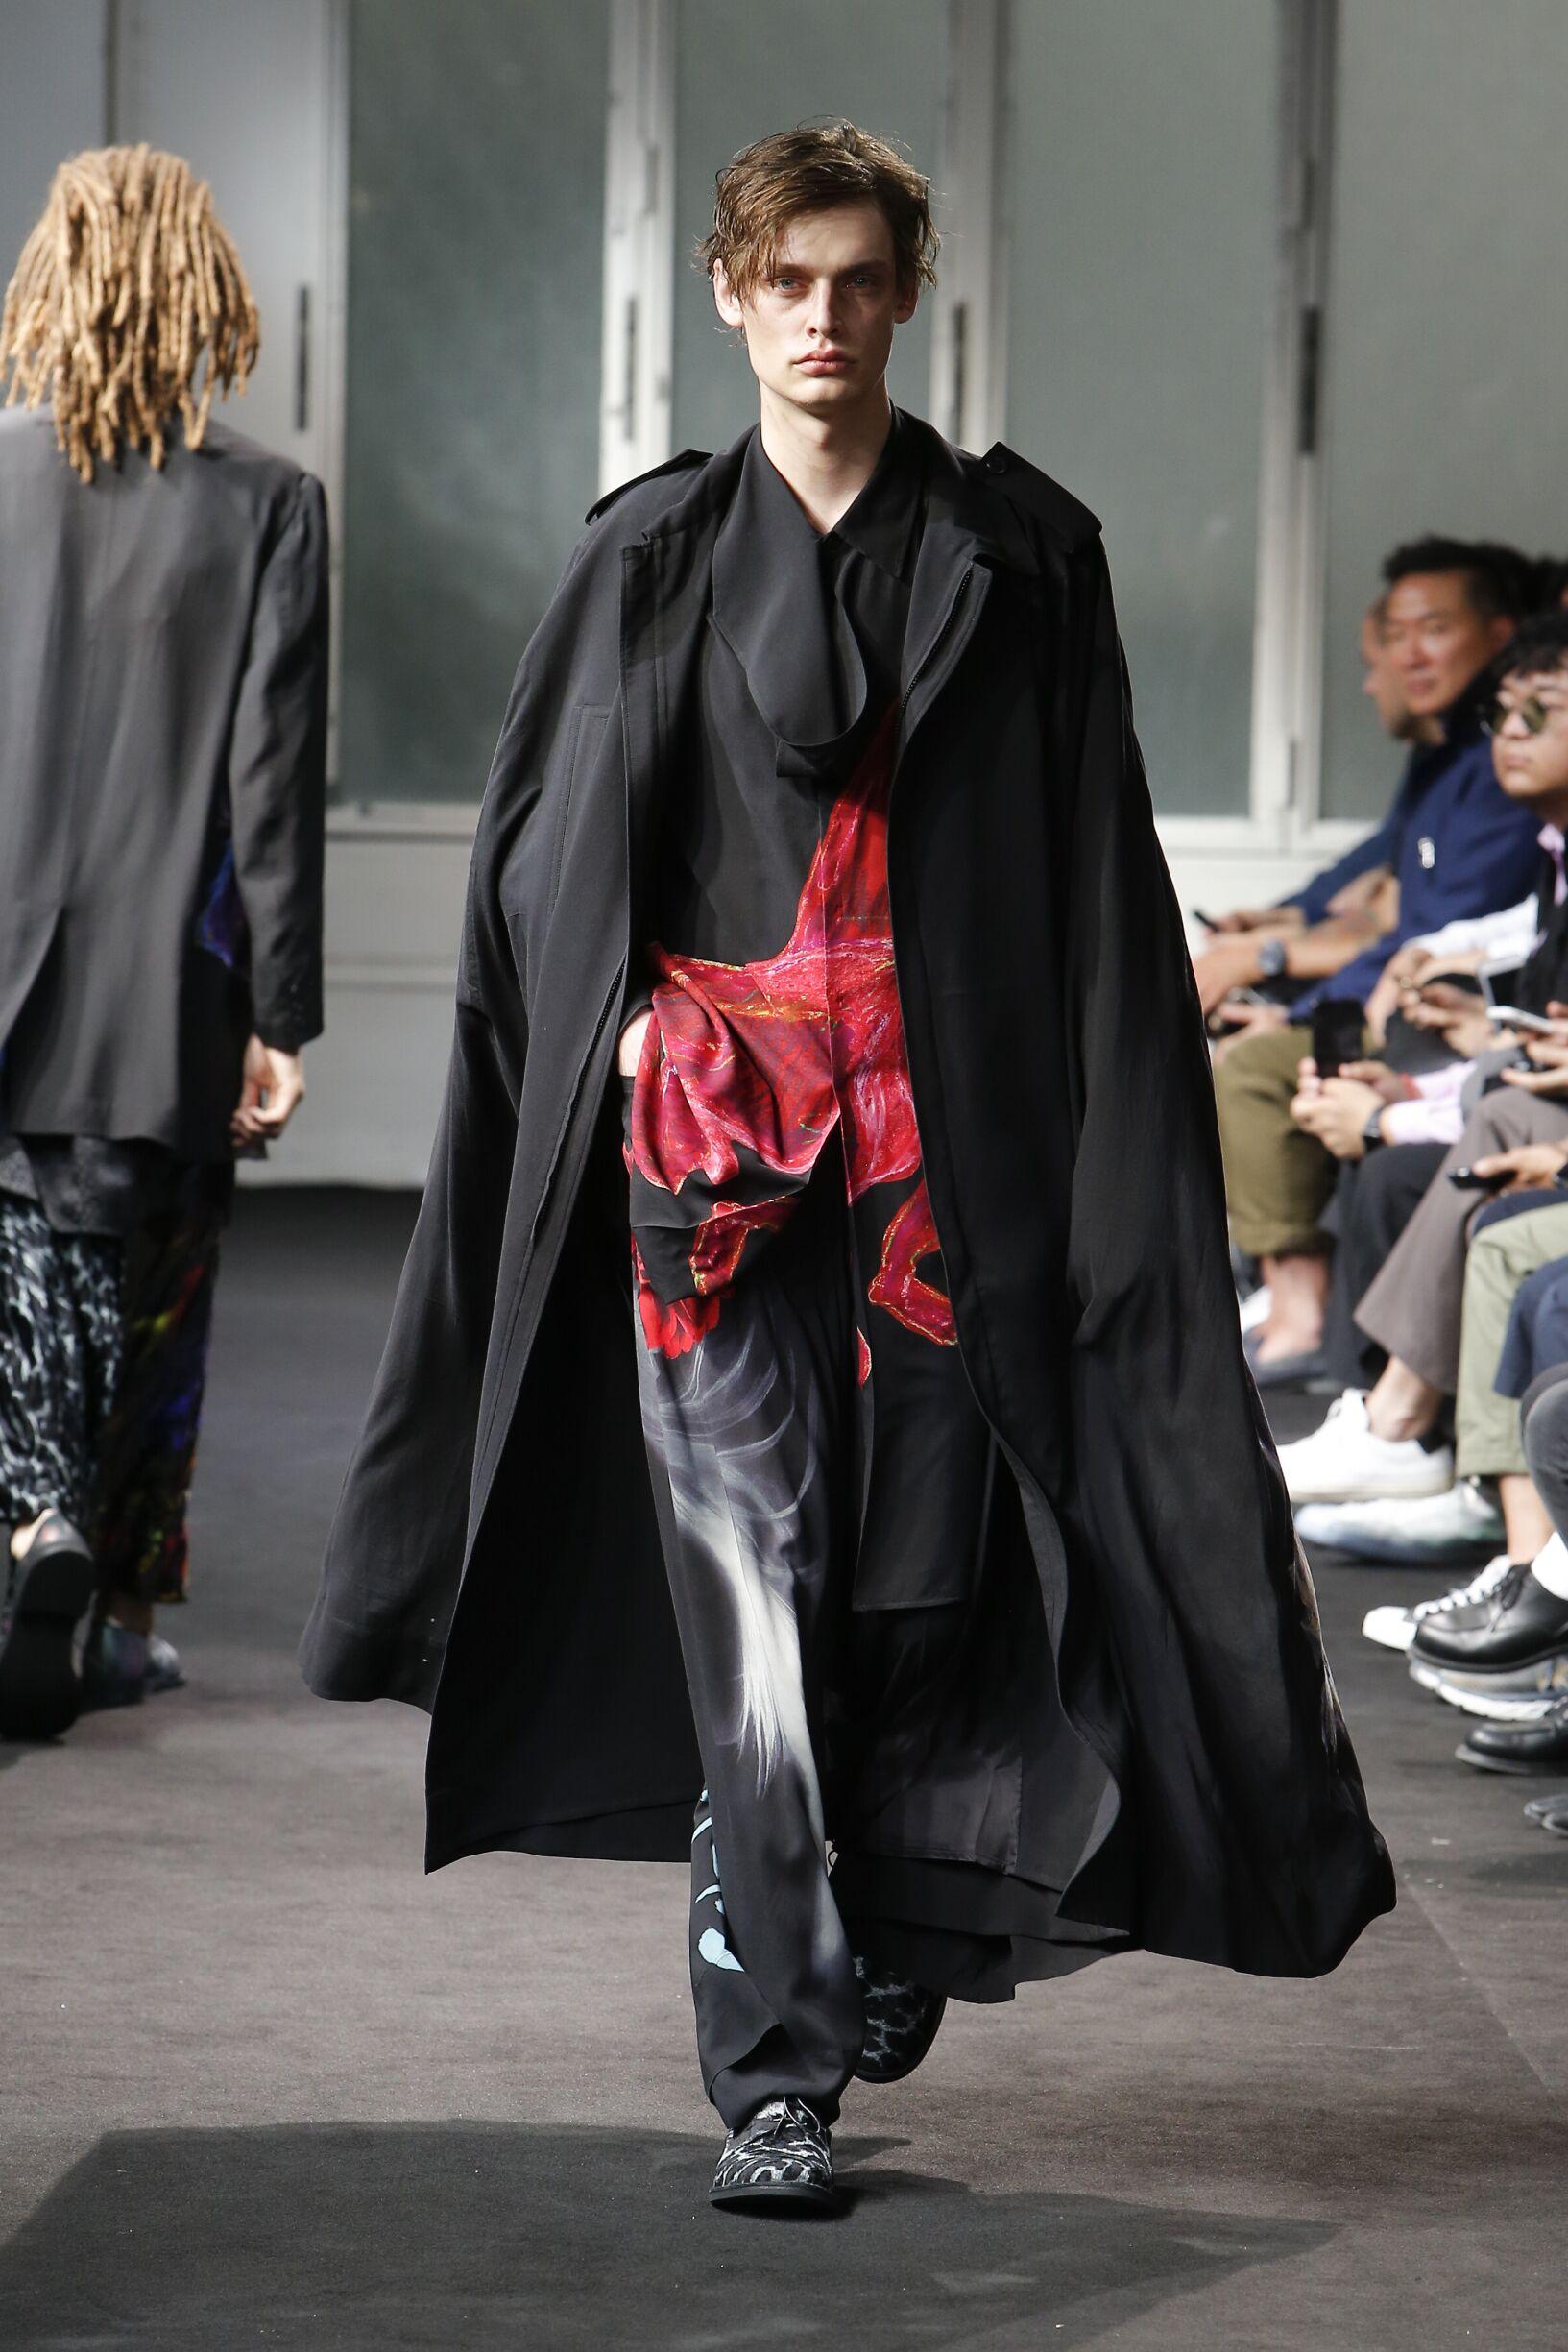 Catwalk Yohji Yamamoto Man Fashion Show Summer 2019